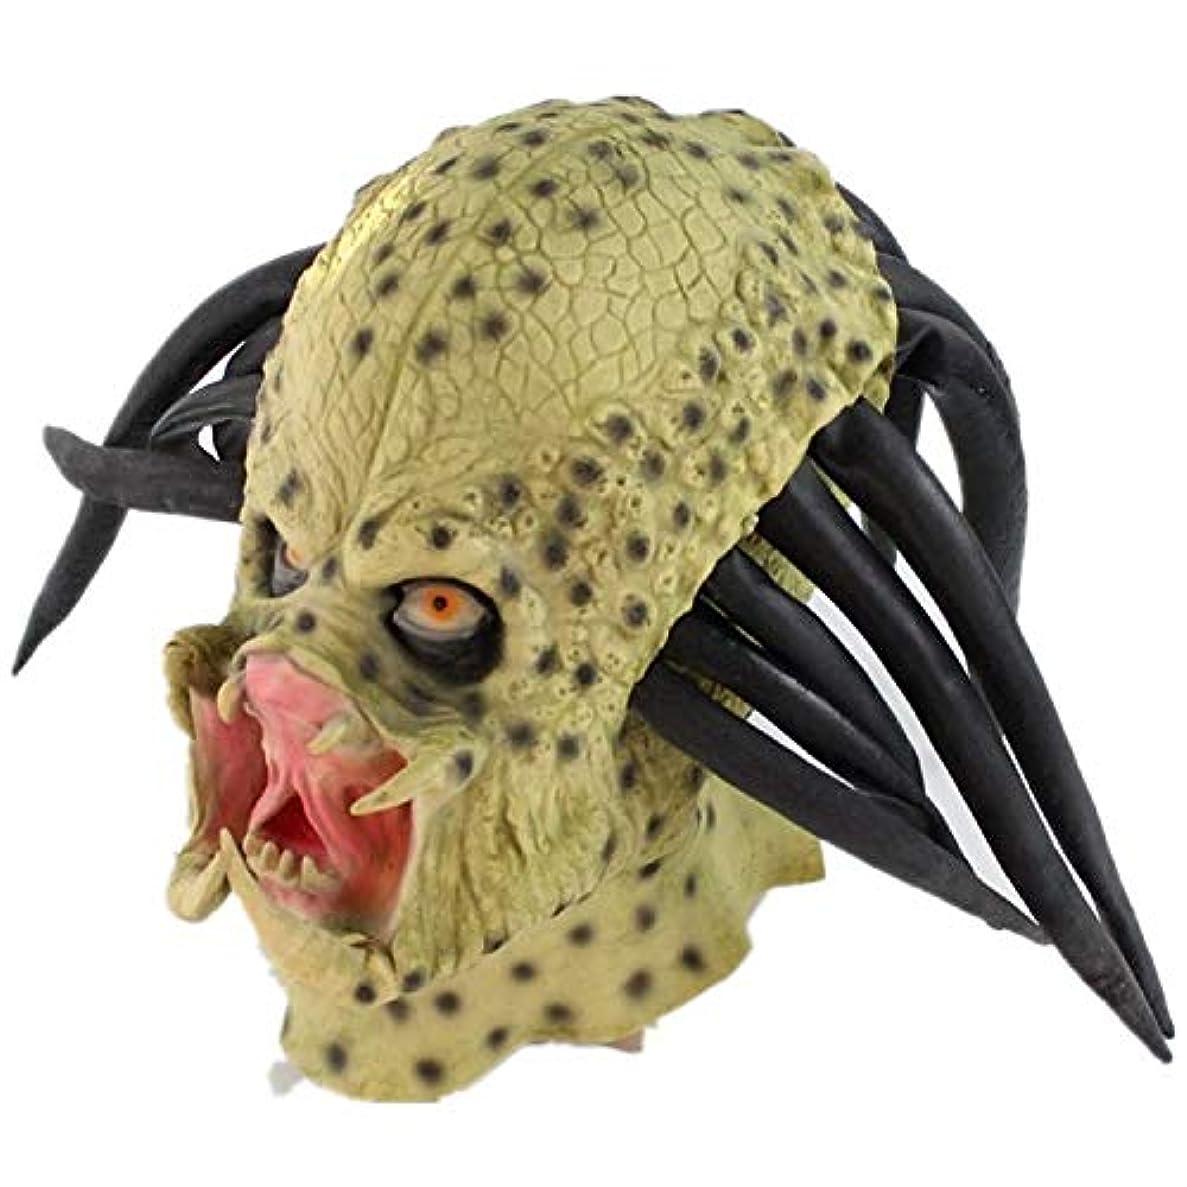 作詞家鋭く狭いVSプレデターエイリアンプレデターはラテックス帽子ホラーハロウィーンマスクマスクマスク